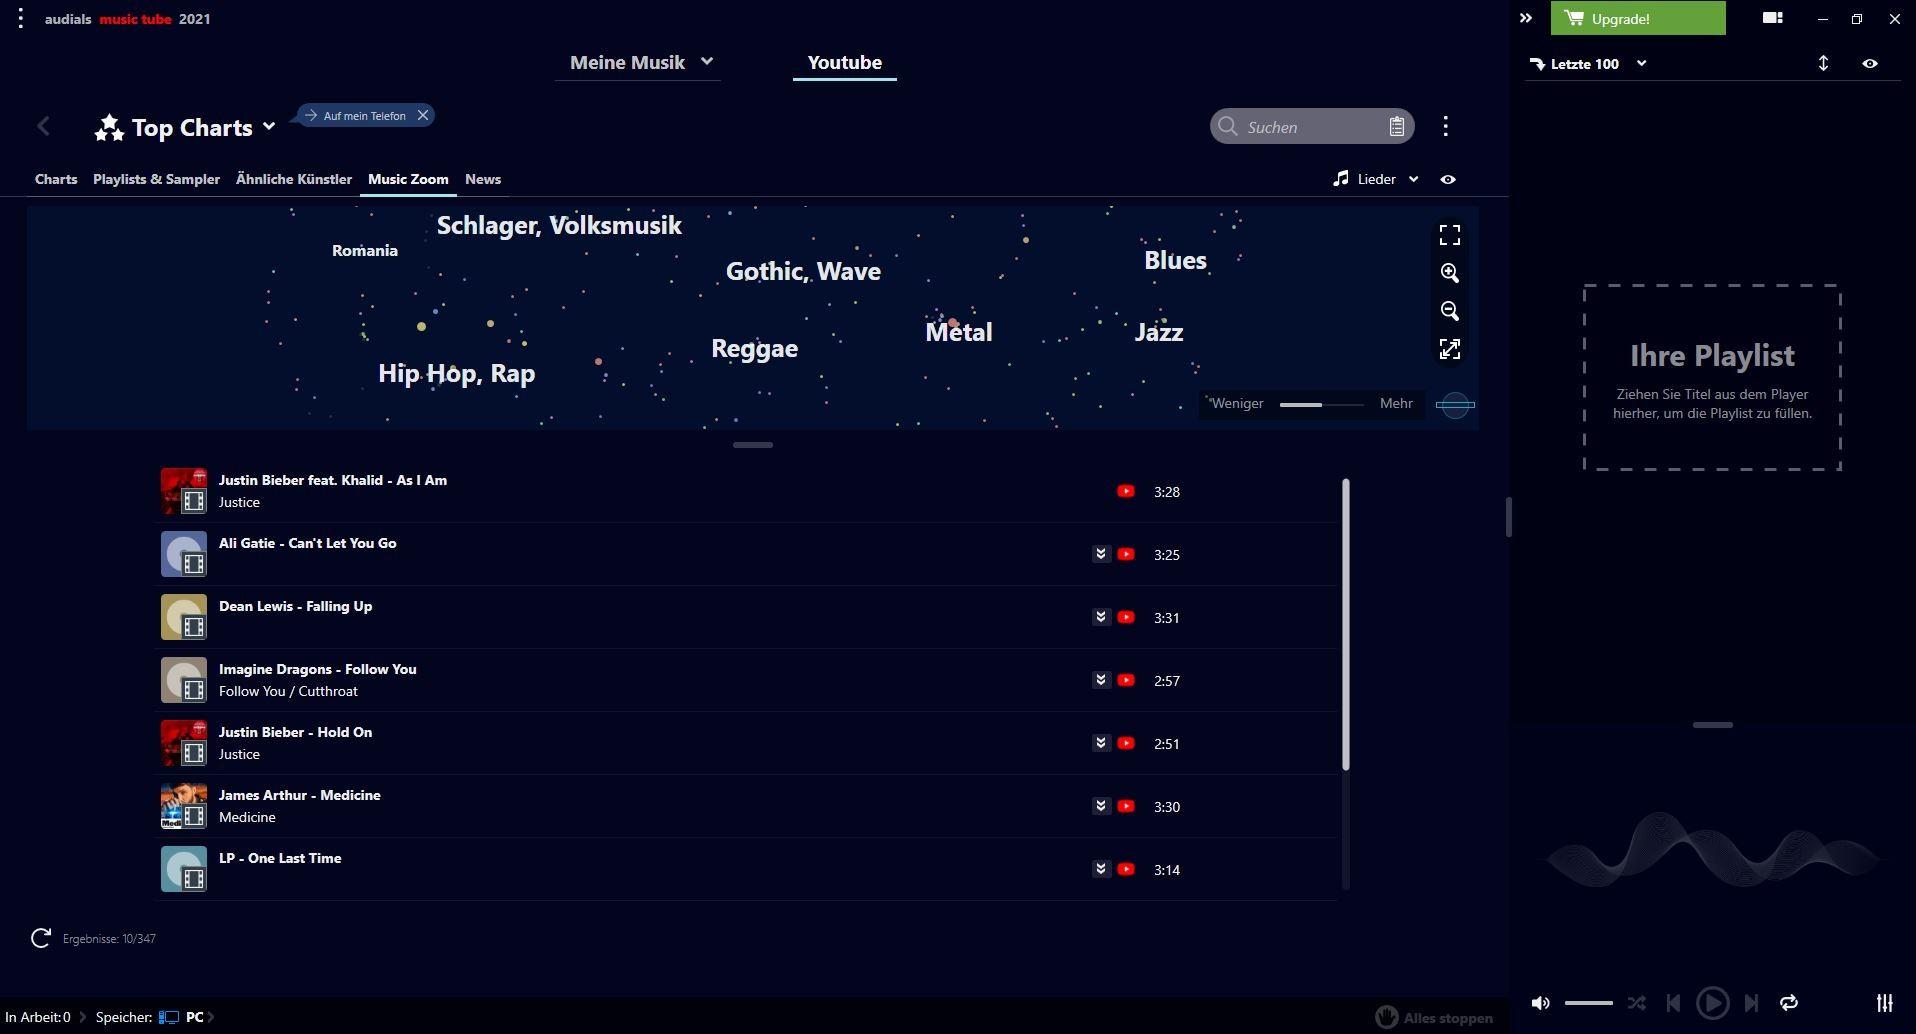 Screenshot 1 - Audials Music Tube 2021 – Kostenlose Vollversion